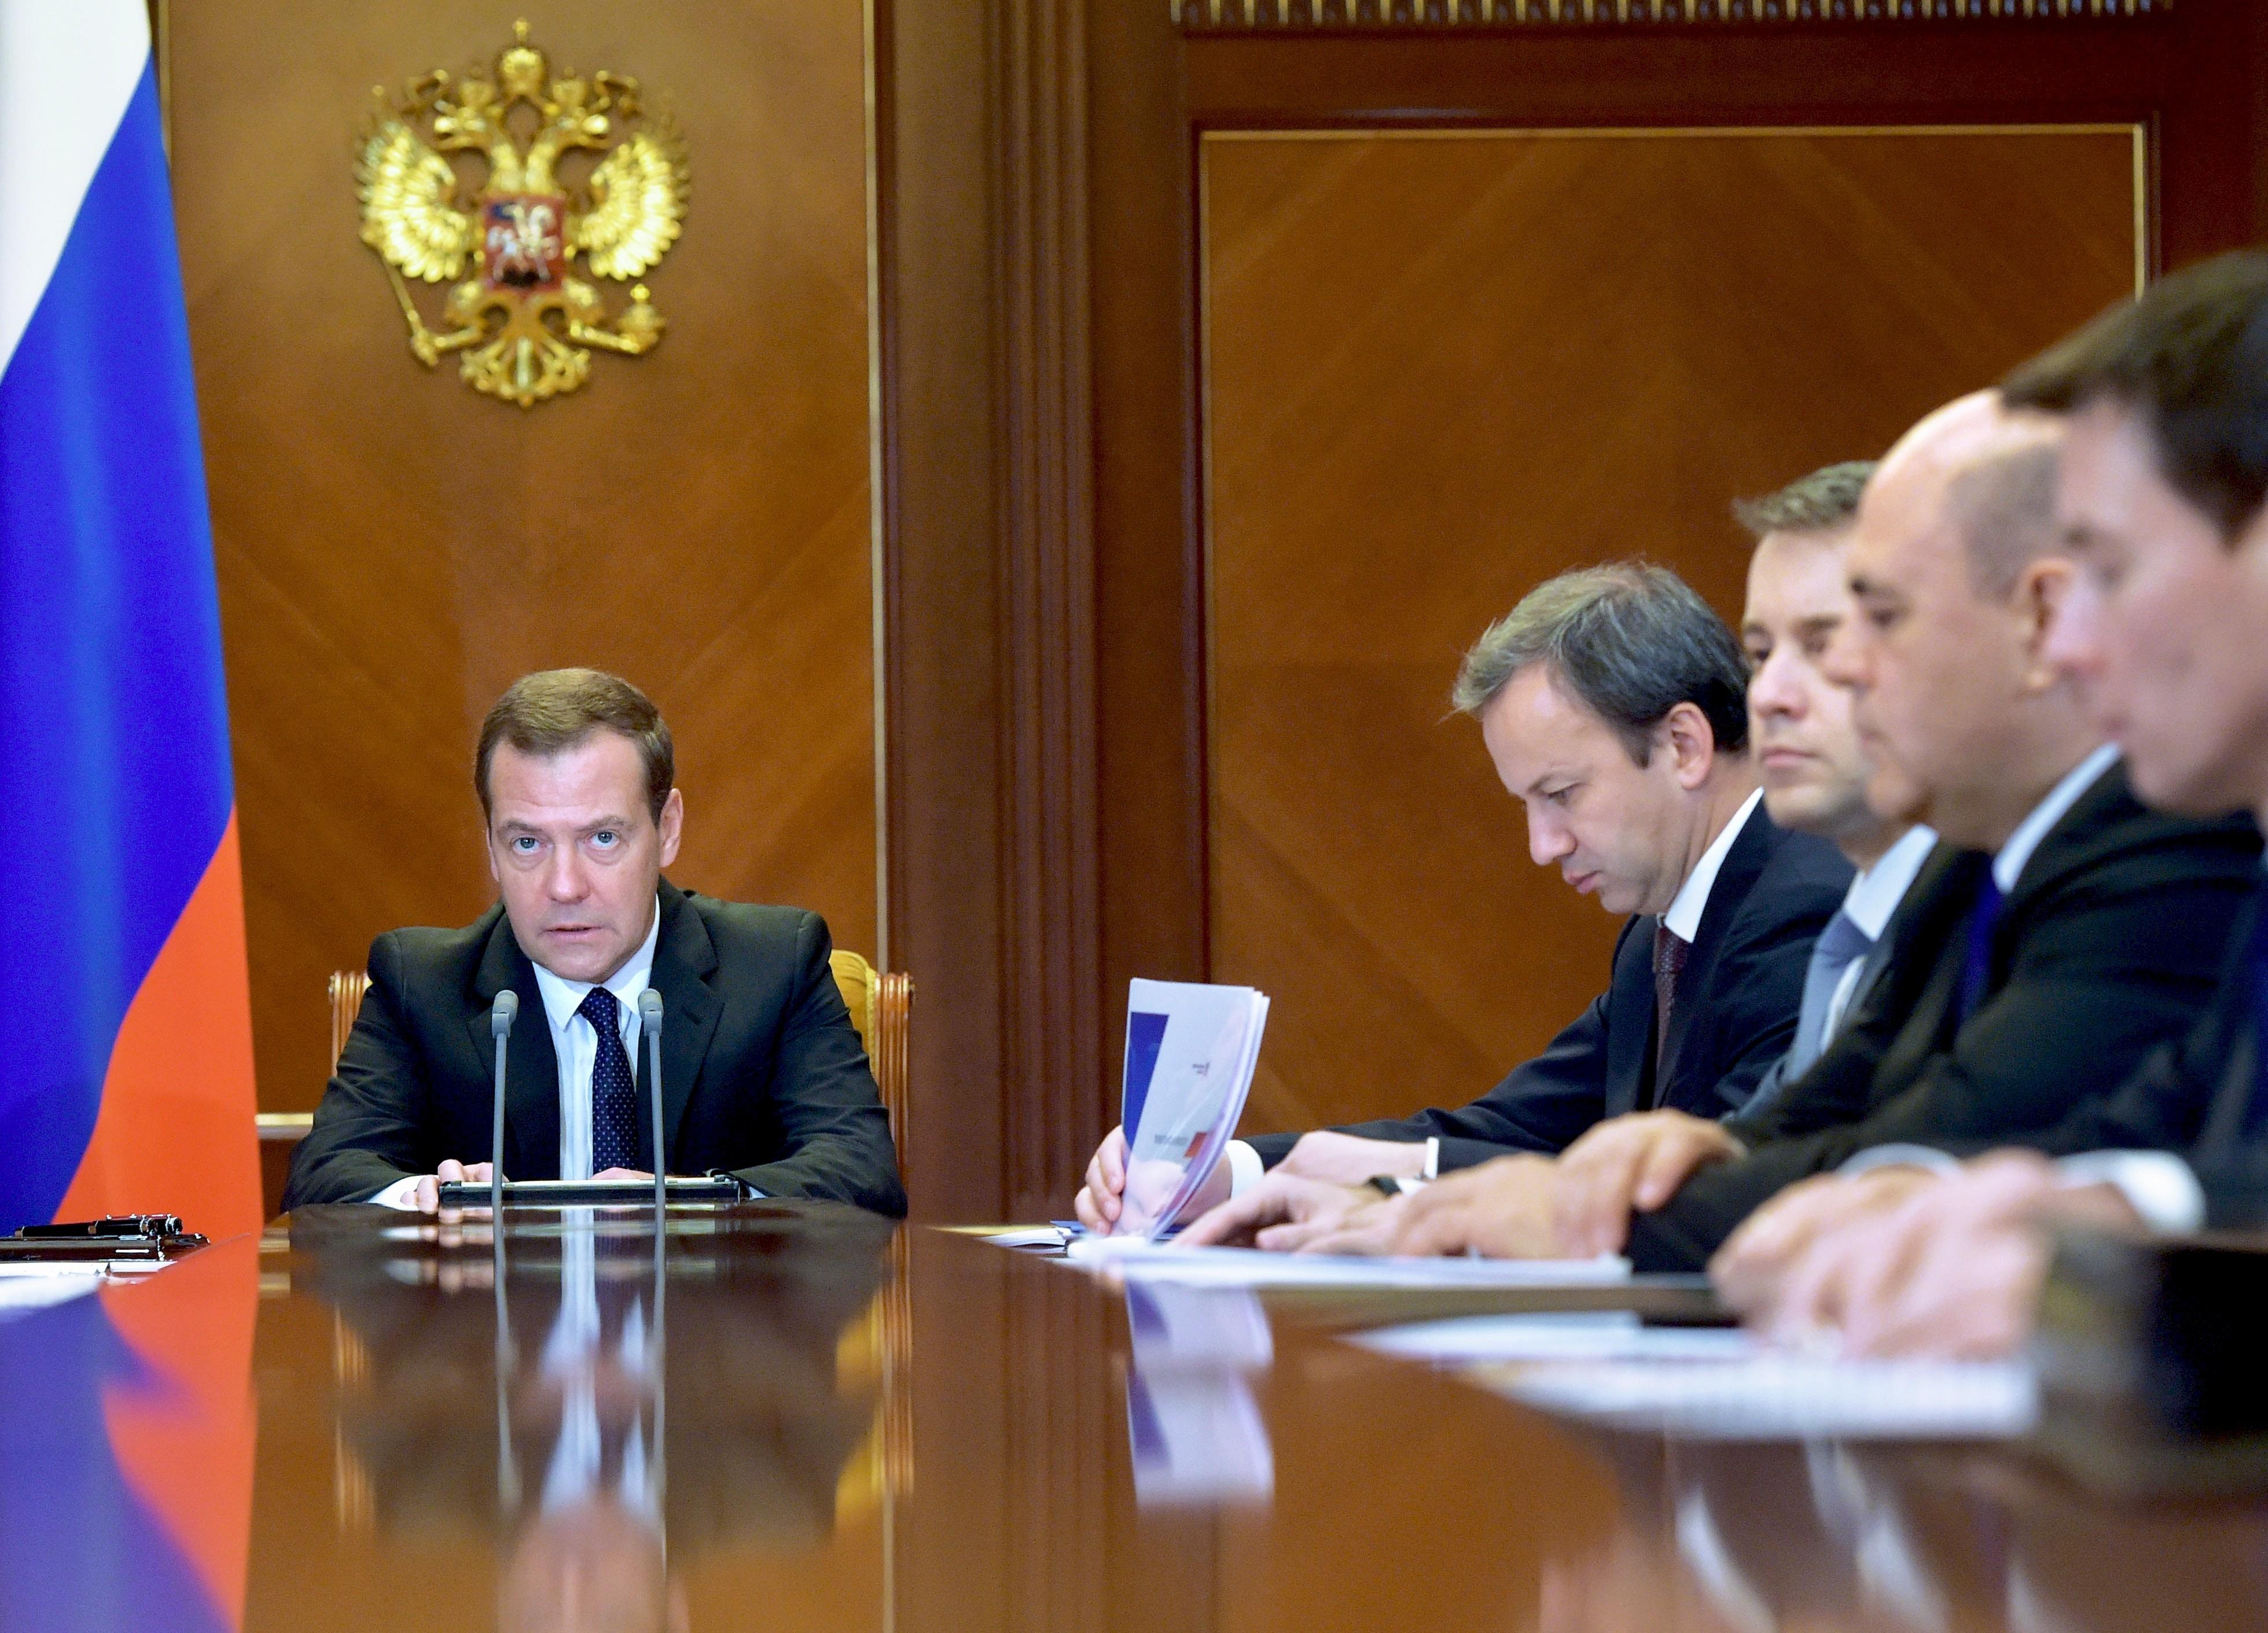 <p><span>Председатель правительства РФ Дмитрий Медведев.&nbsp;</span>Фото: &copy;РИА Новости/Александр Астафьев</p>